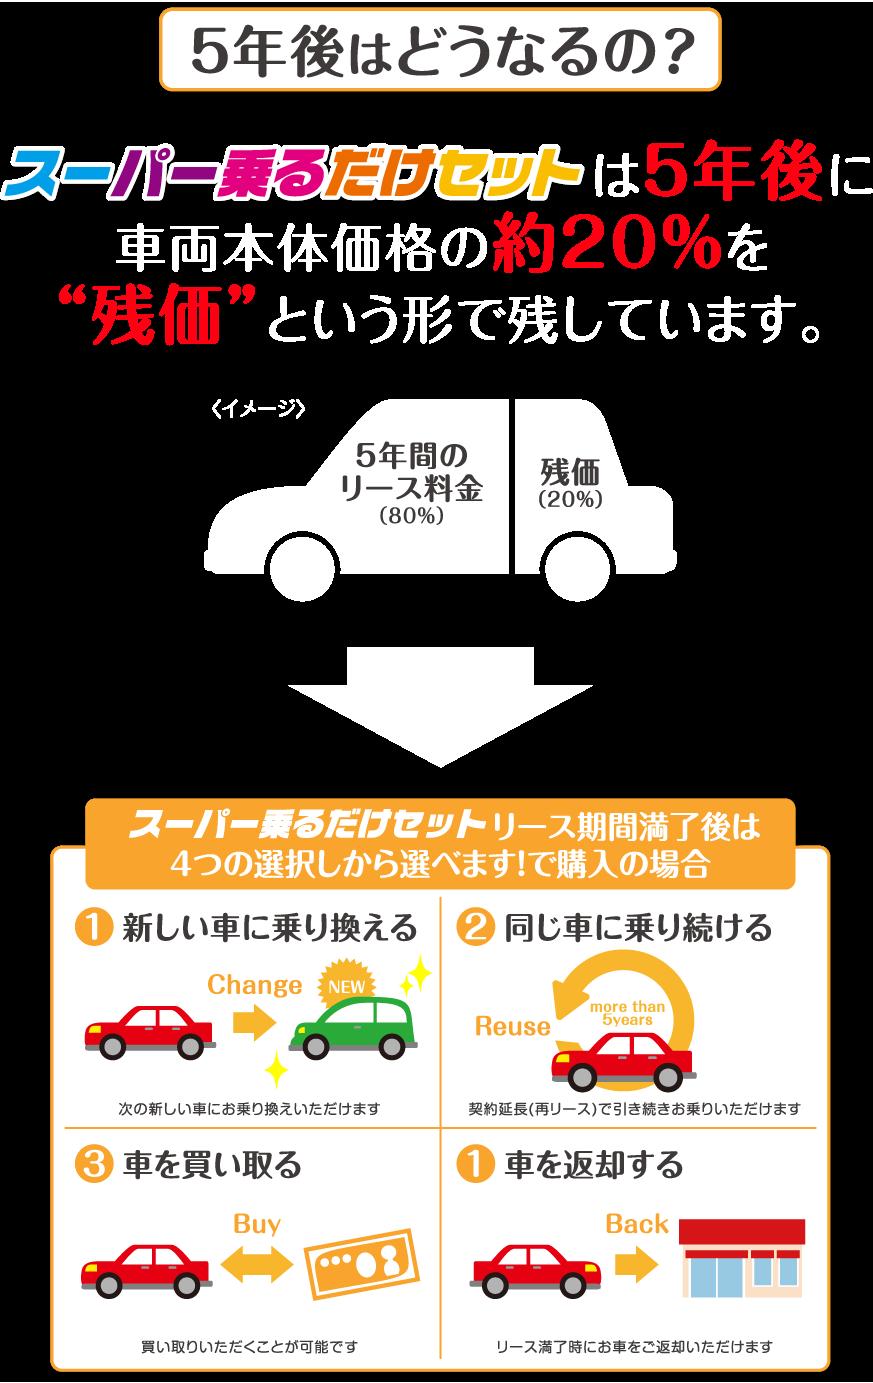 """スーパー乗るだけセットは5年後に車両本体価格の約20%を""""残価""""という形で残しています。"""